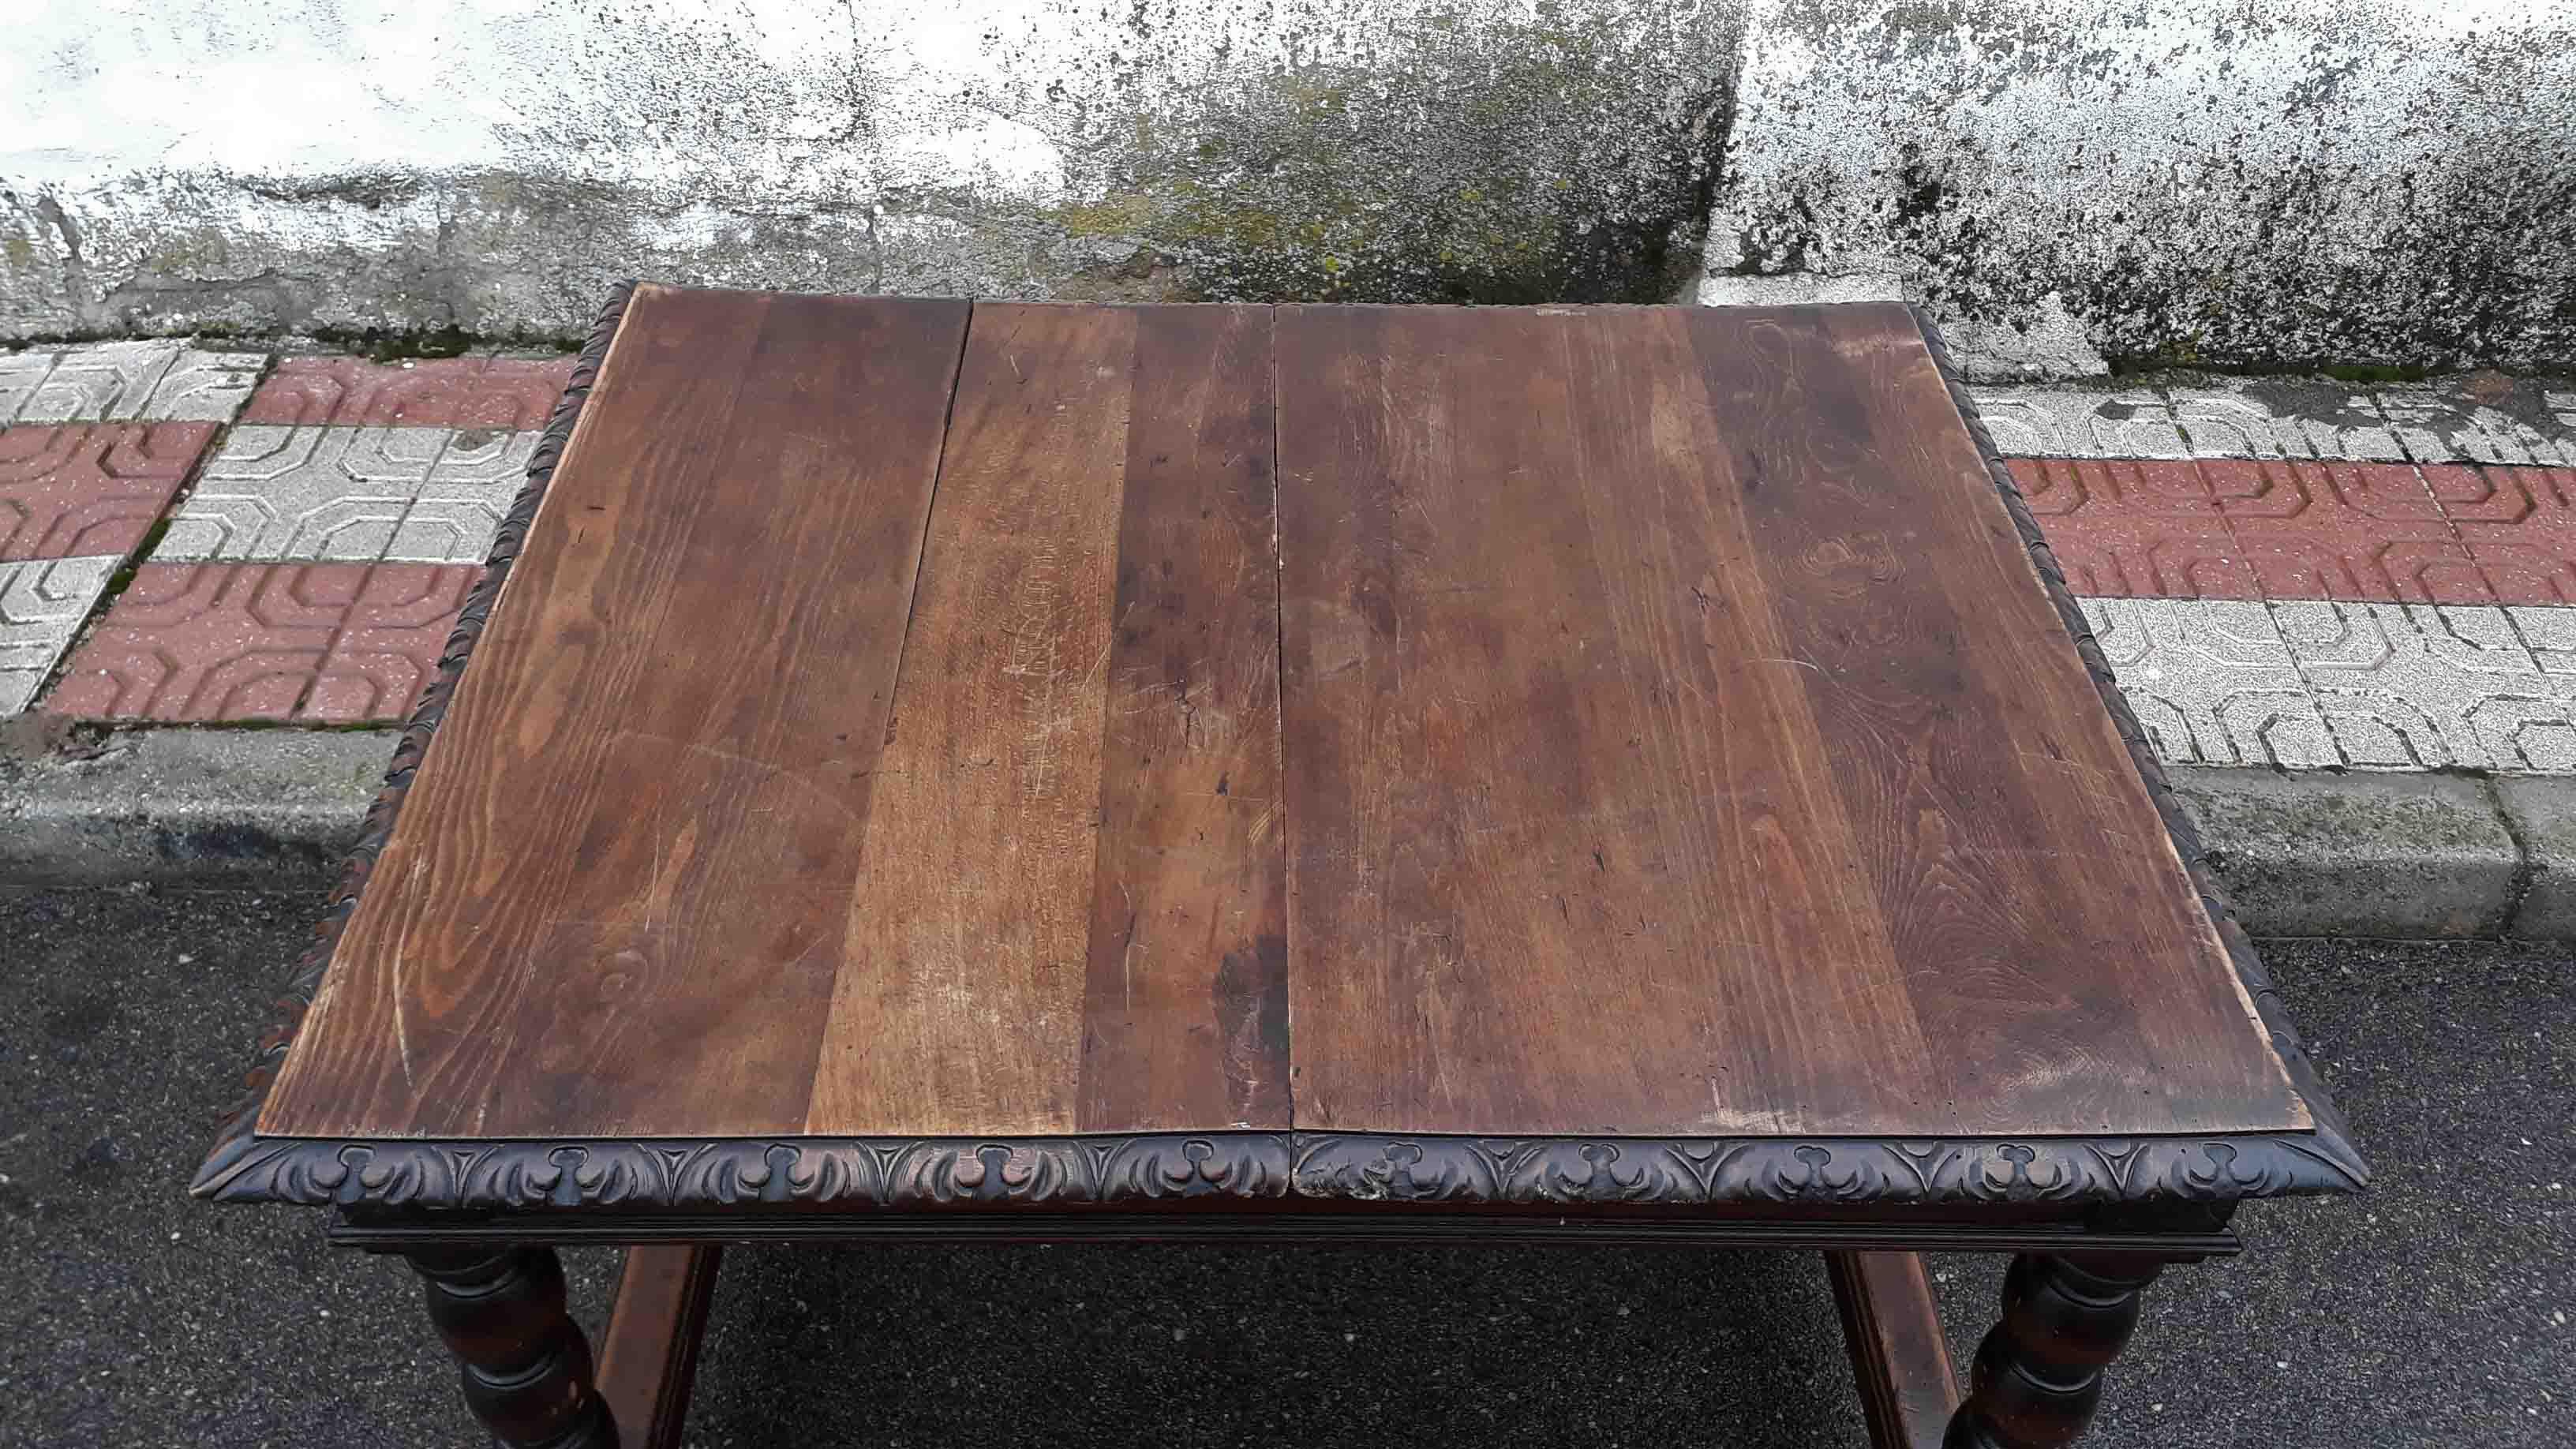 Mesa de salón comedor antigua de madera estilo rústico o renacimiento.